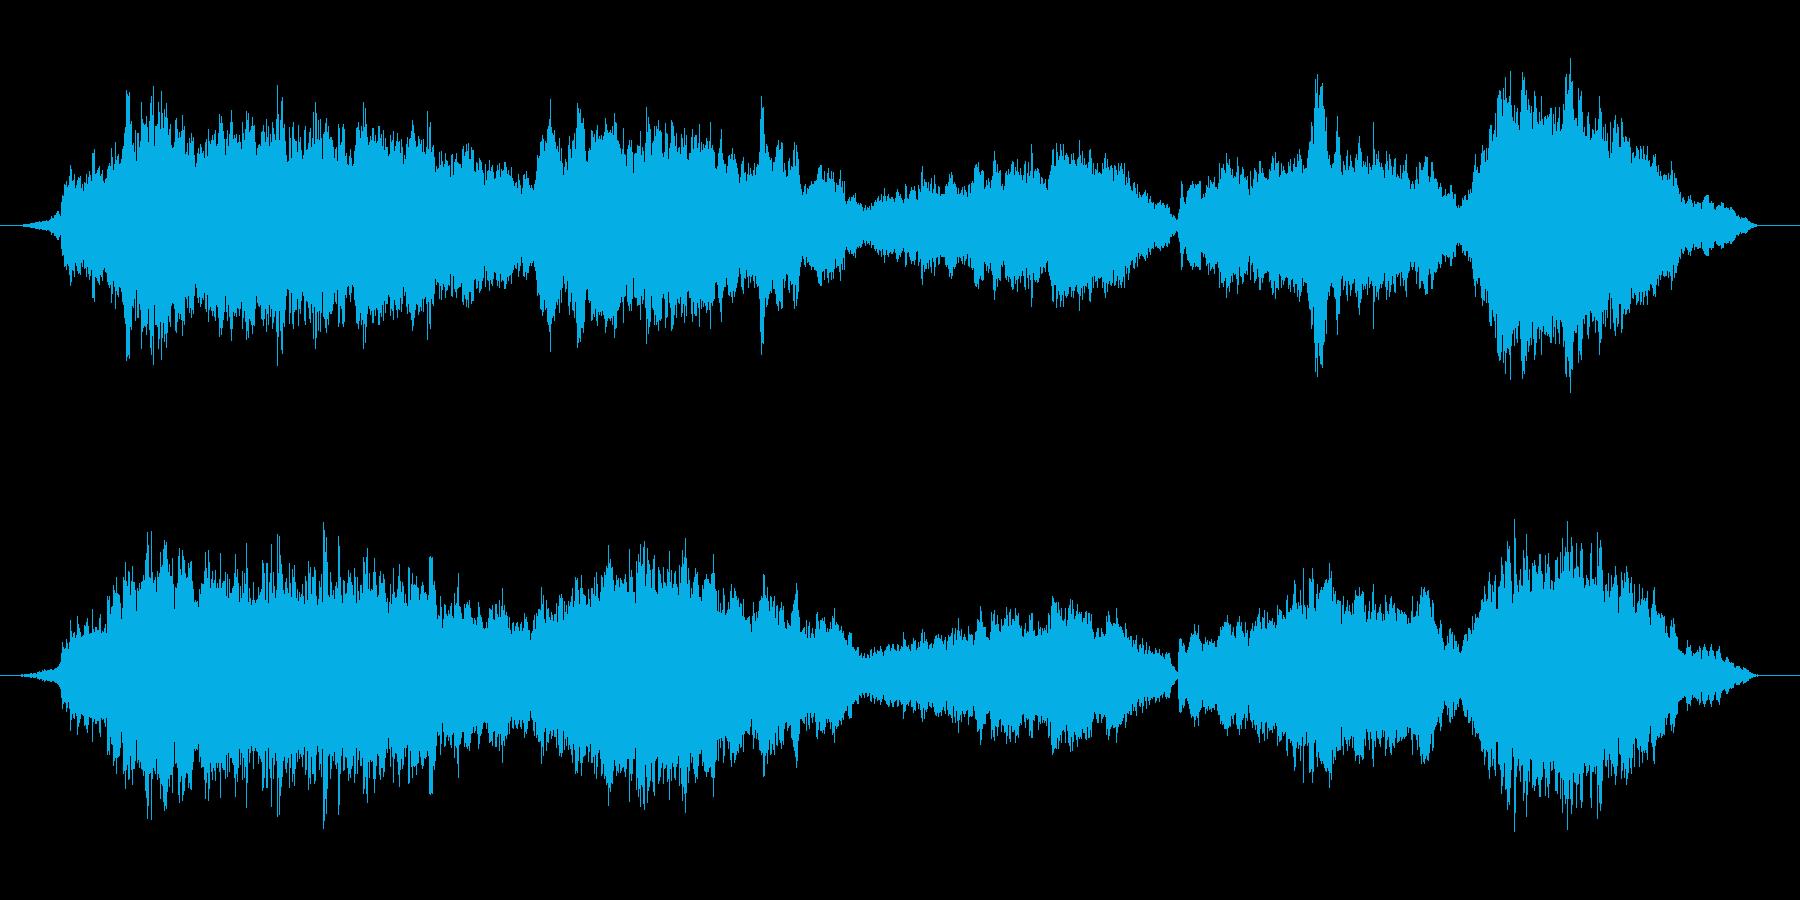 ポケモン風オーケストラ 感動 全米が涙しの再生済みの波形